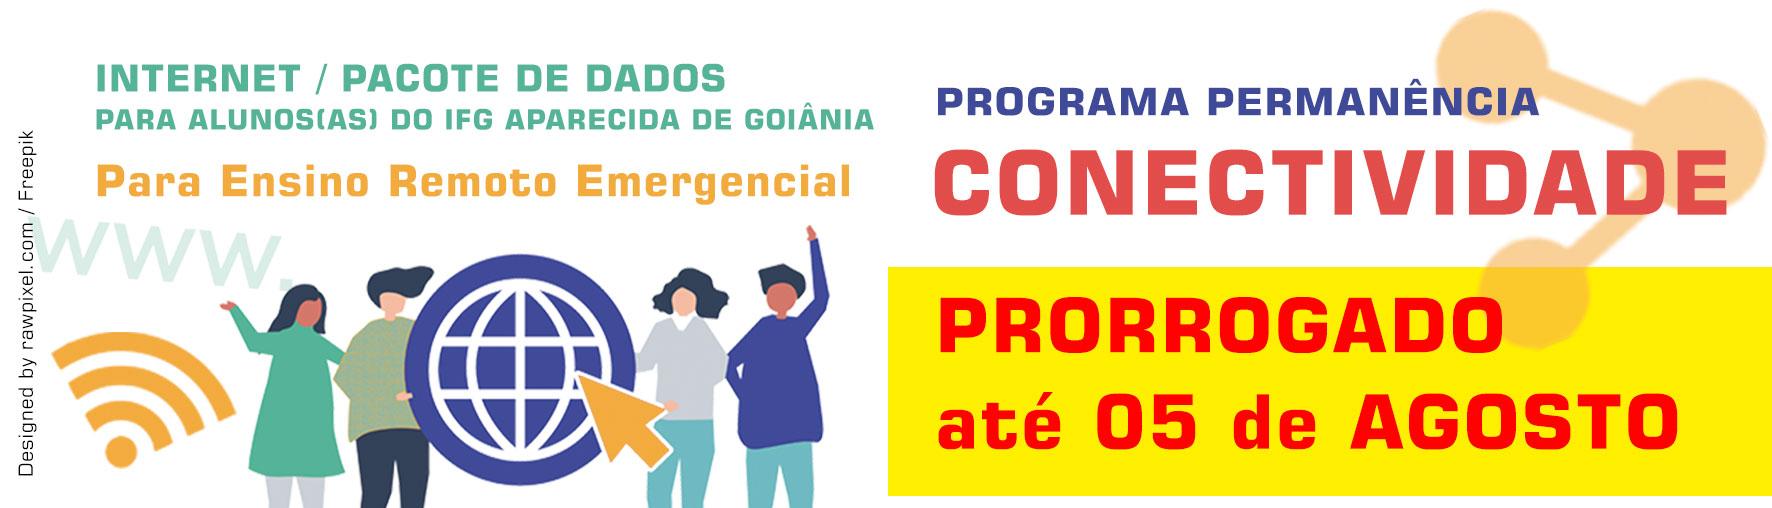 IFG Aparecida de Goiânia lança programa de auxílio-internet para alunos